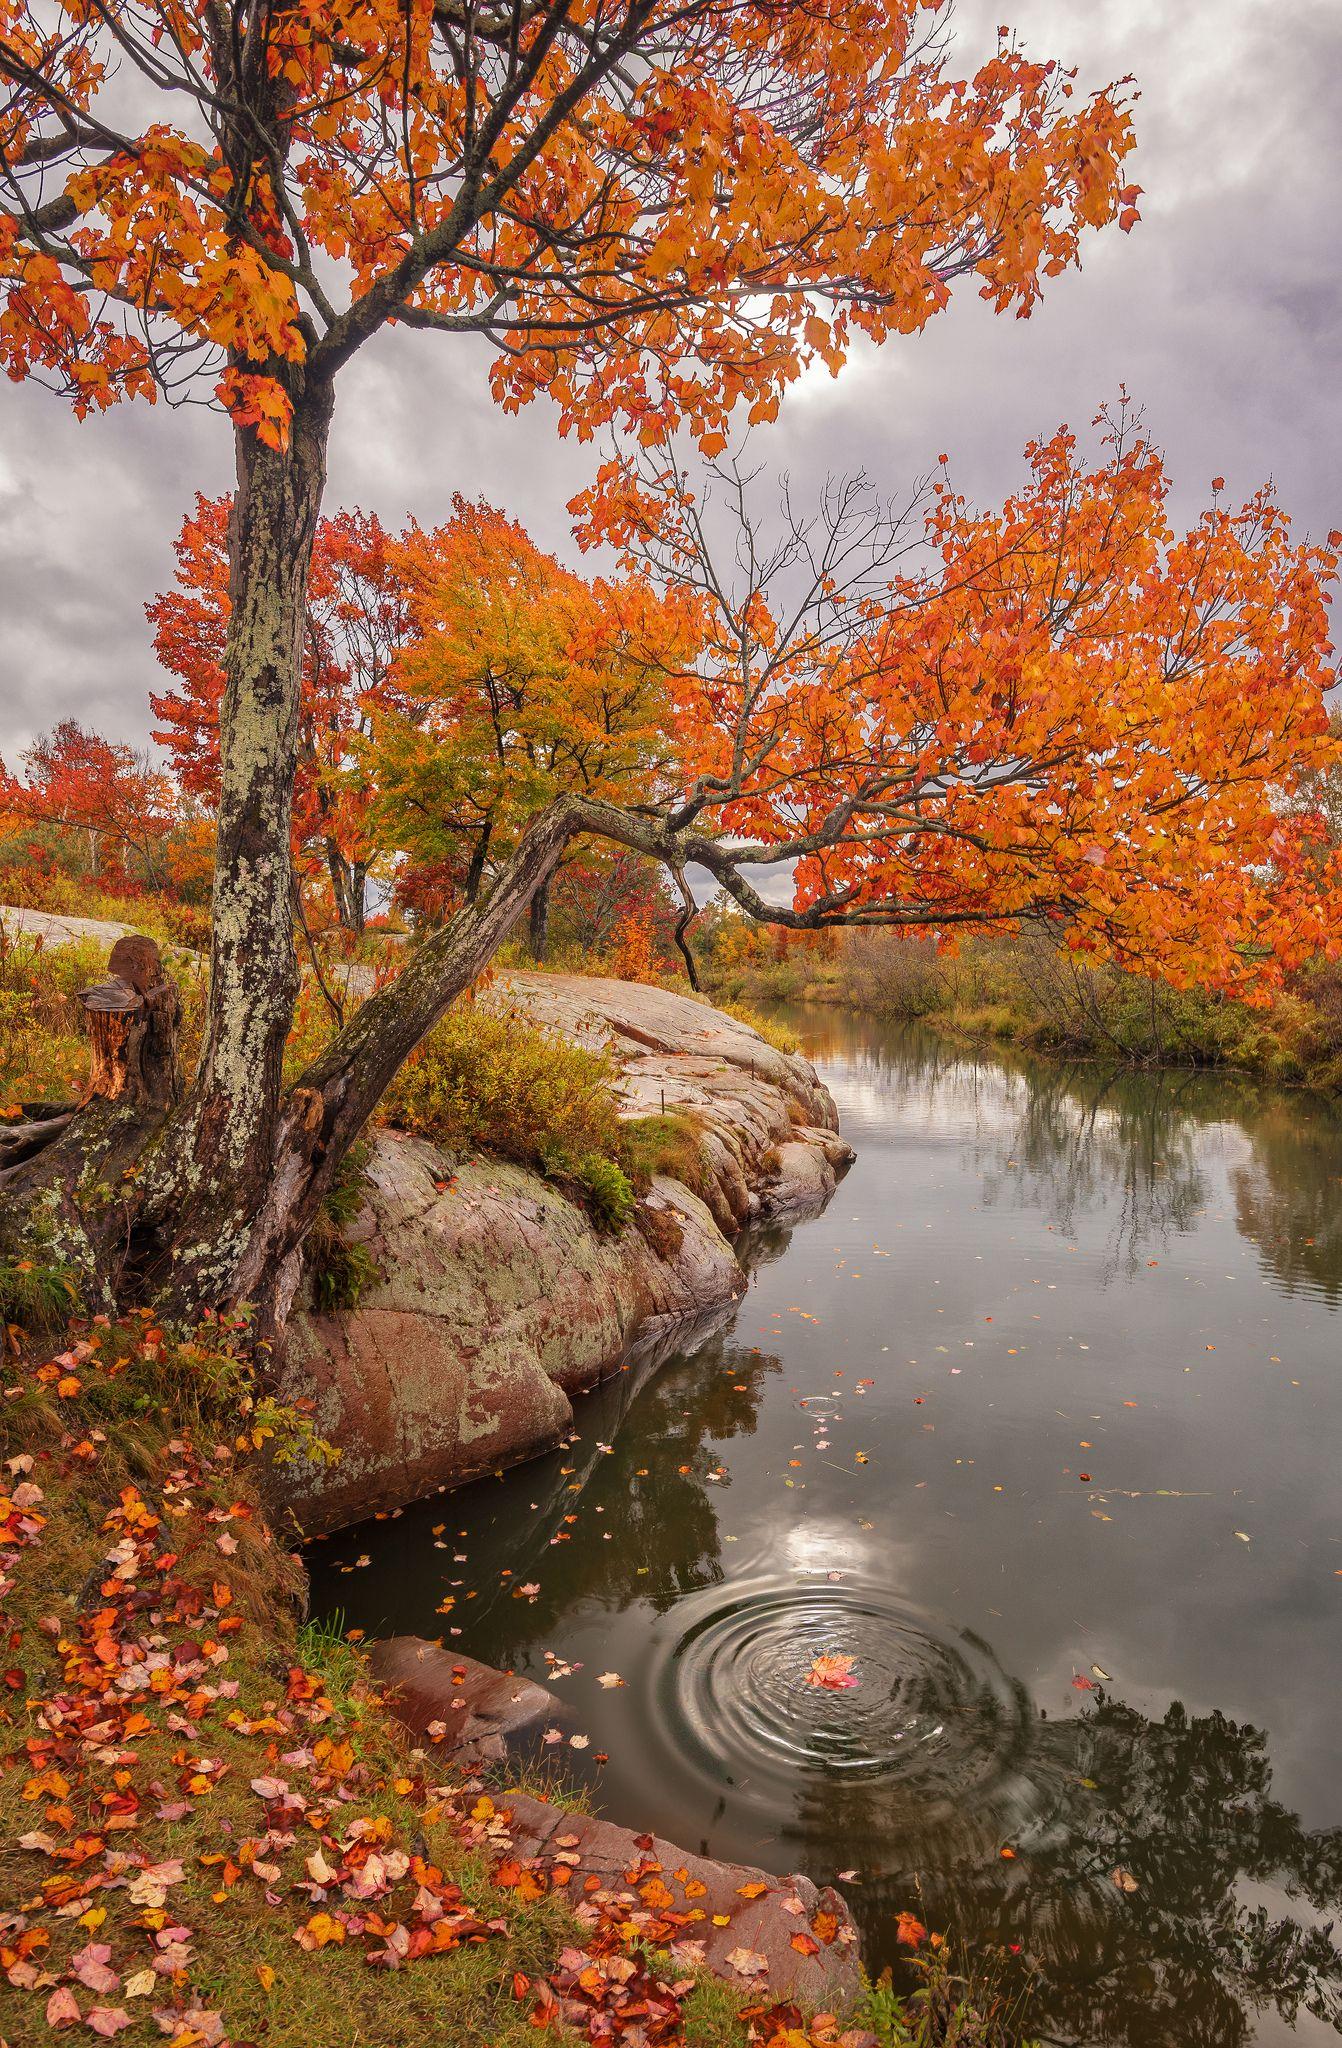 Chikanishing Autumn Autumn Scenery Autumn Landscape Fall Pictures